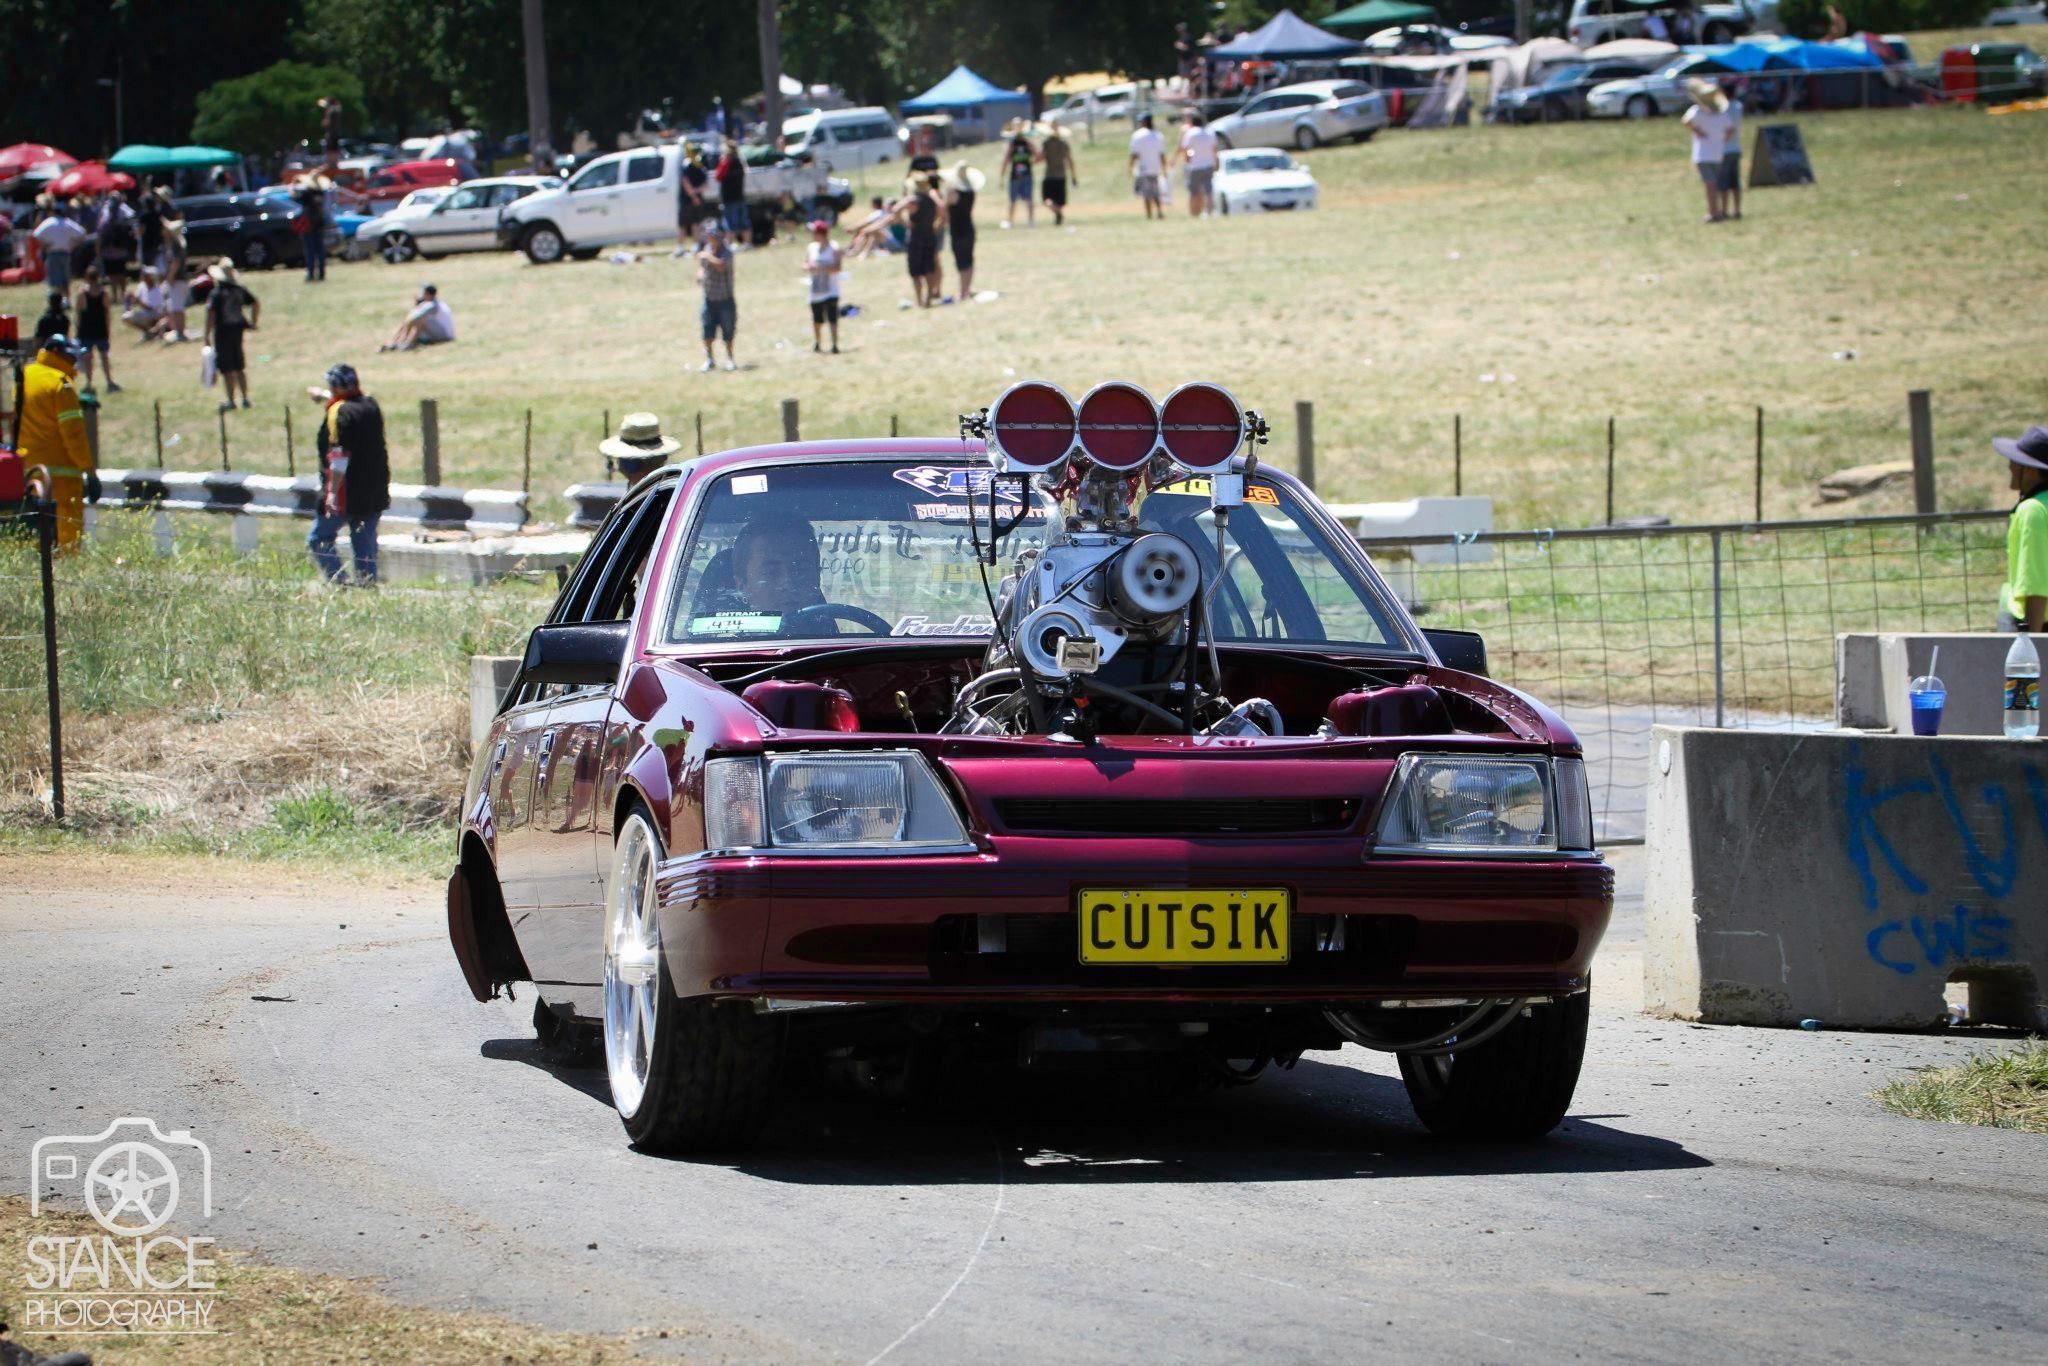 Cutsik Aussie Burnout Car Muscle Cars Street Machines